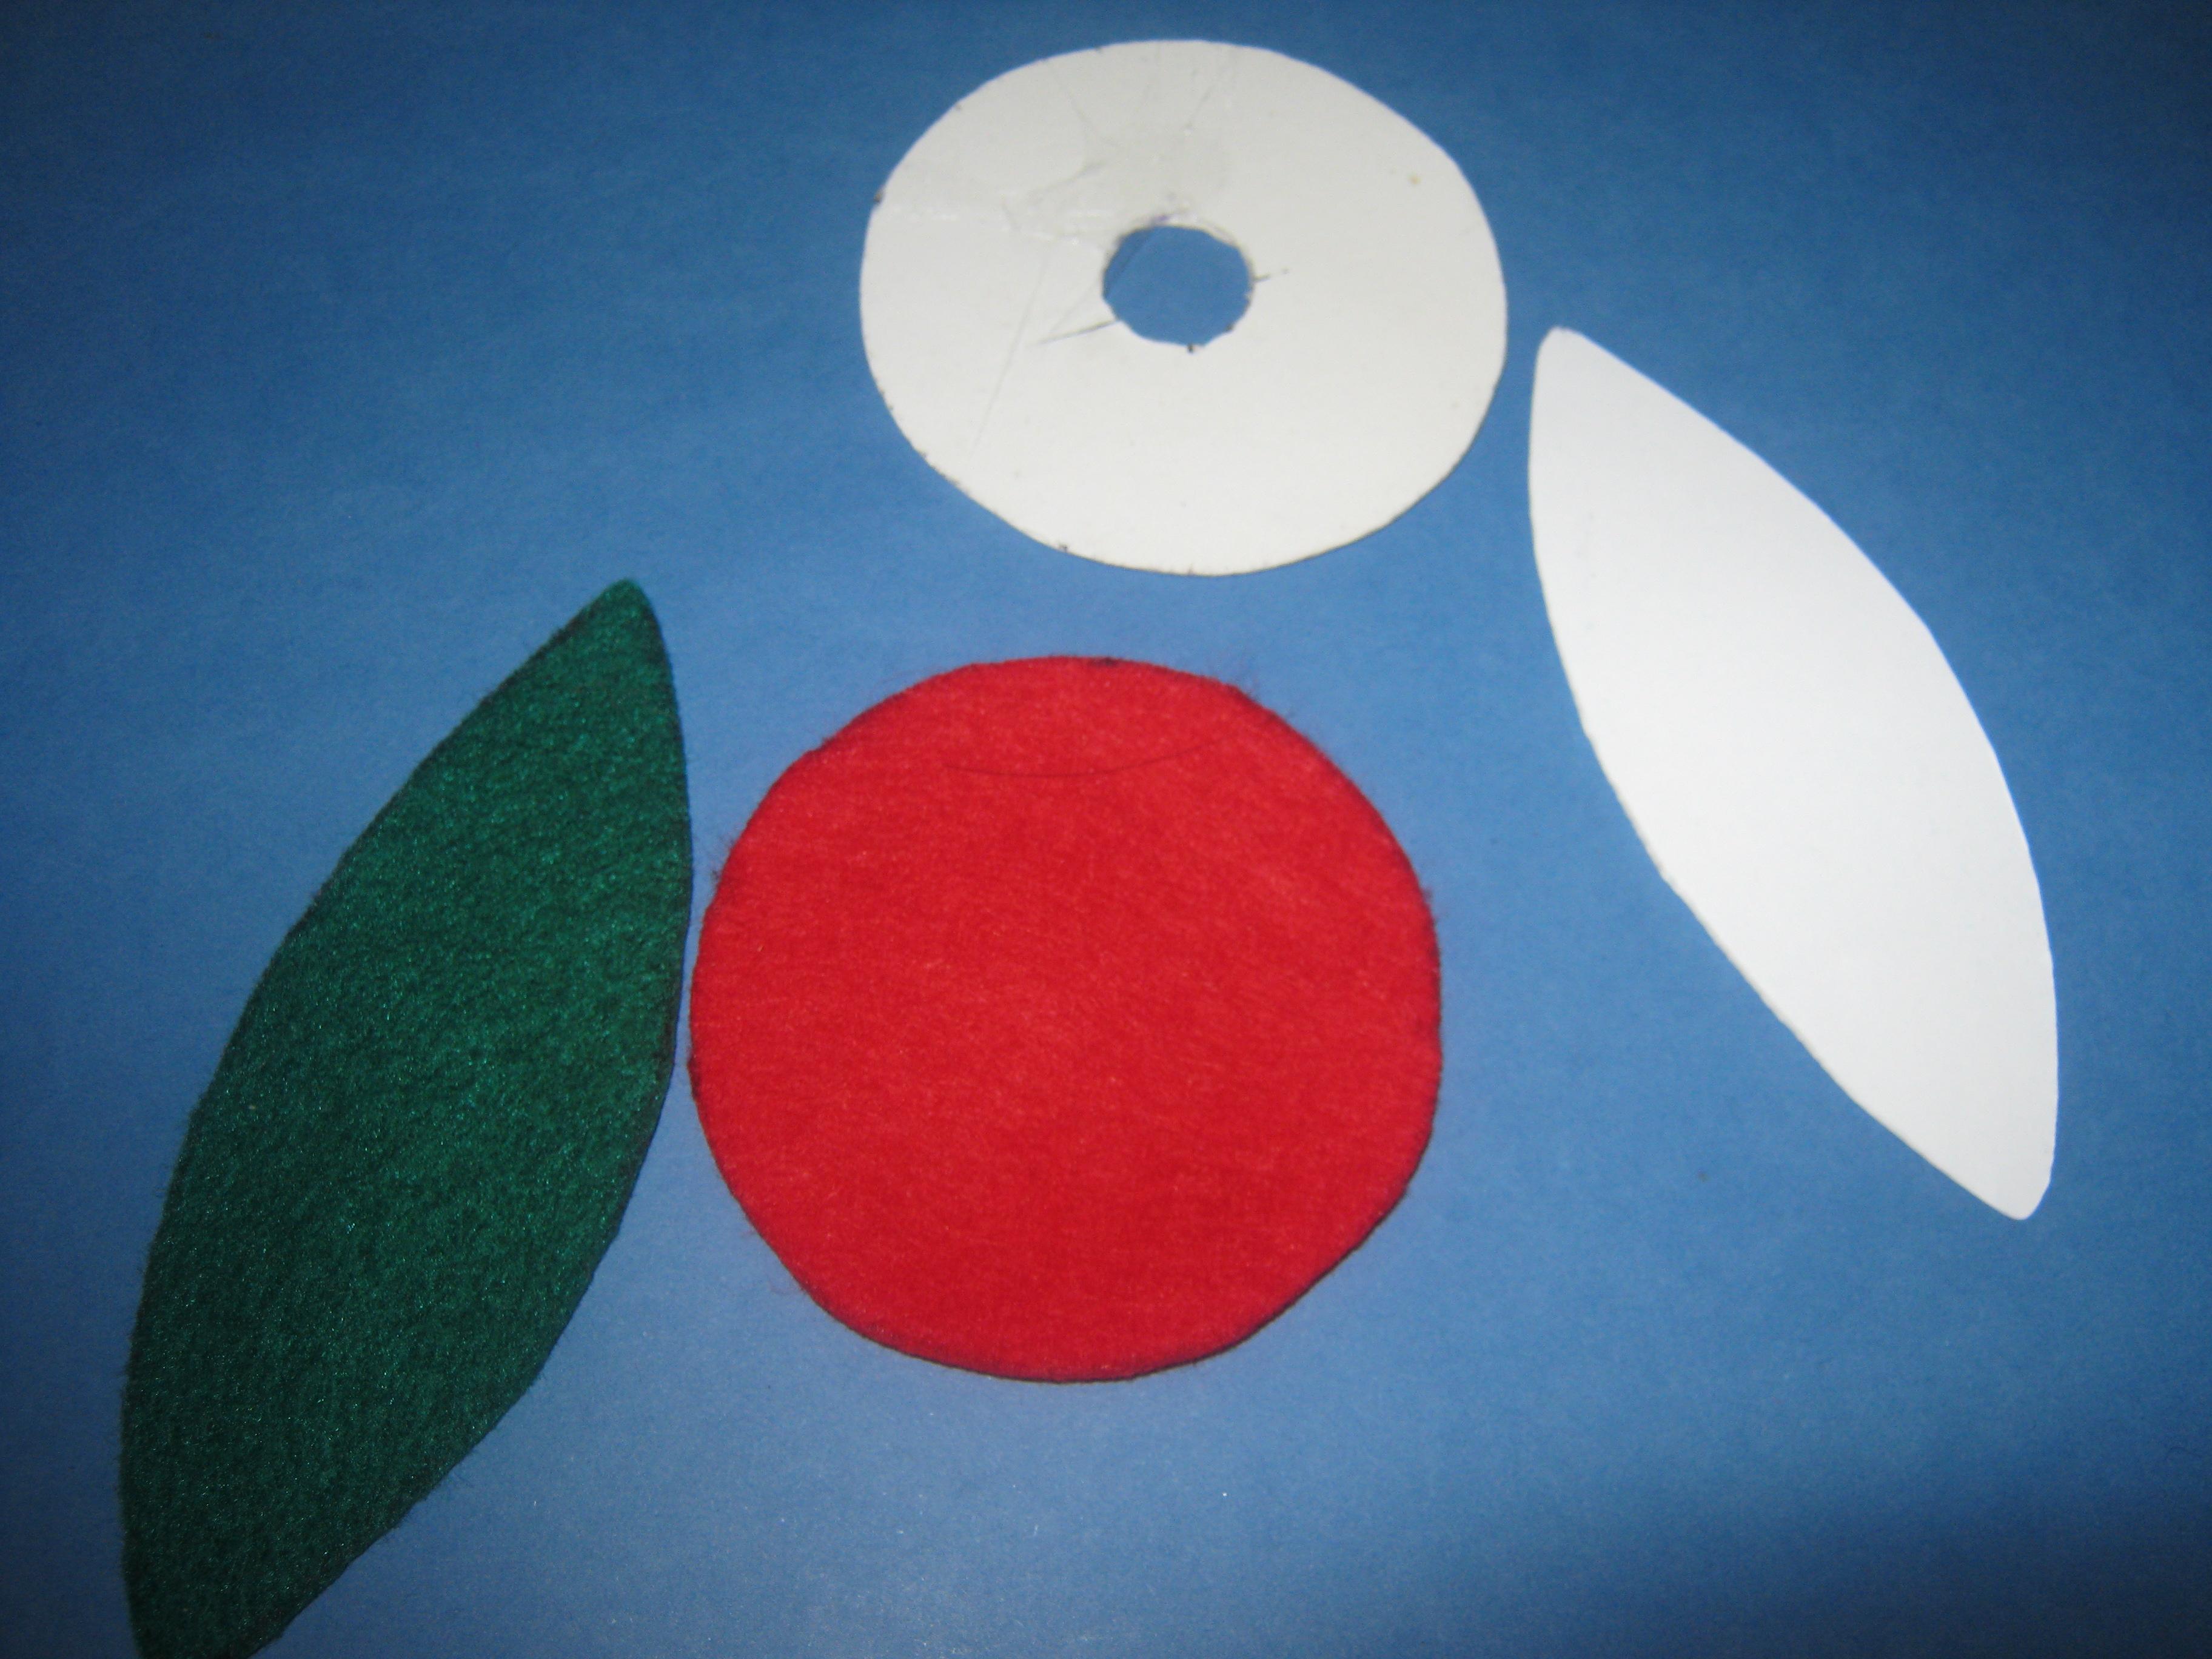 Buat bintik-bintik hitam untuk aplikasi biji semangka